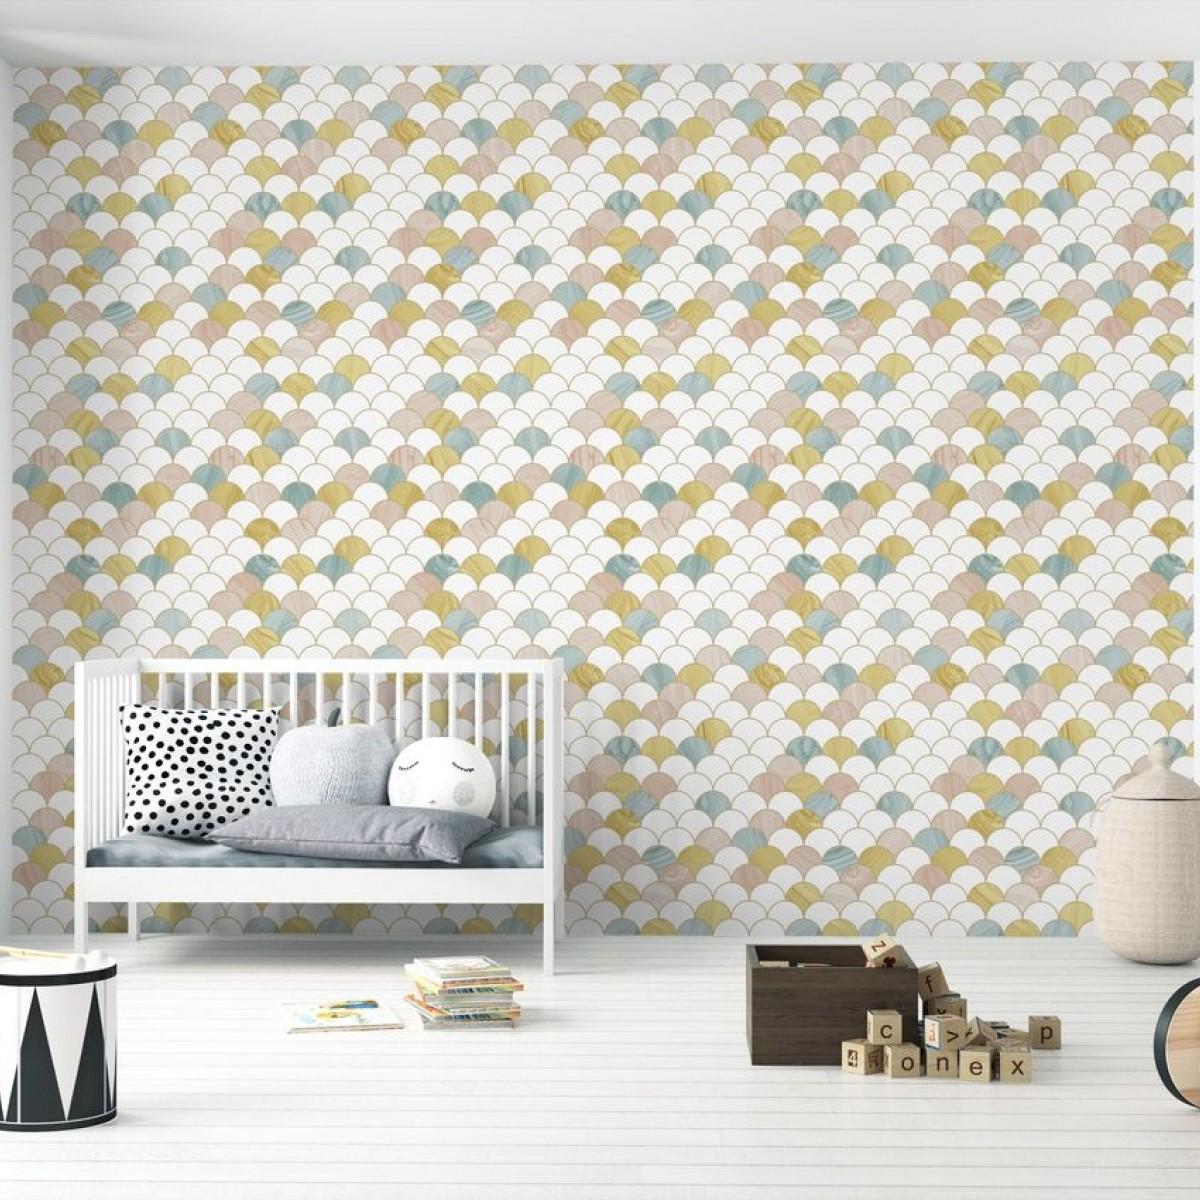 Fototapet Feathers Yellow, personalizat, Photowall